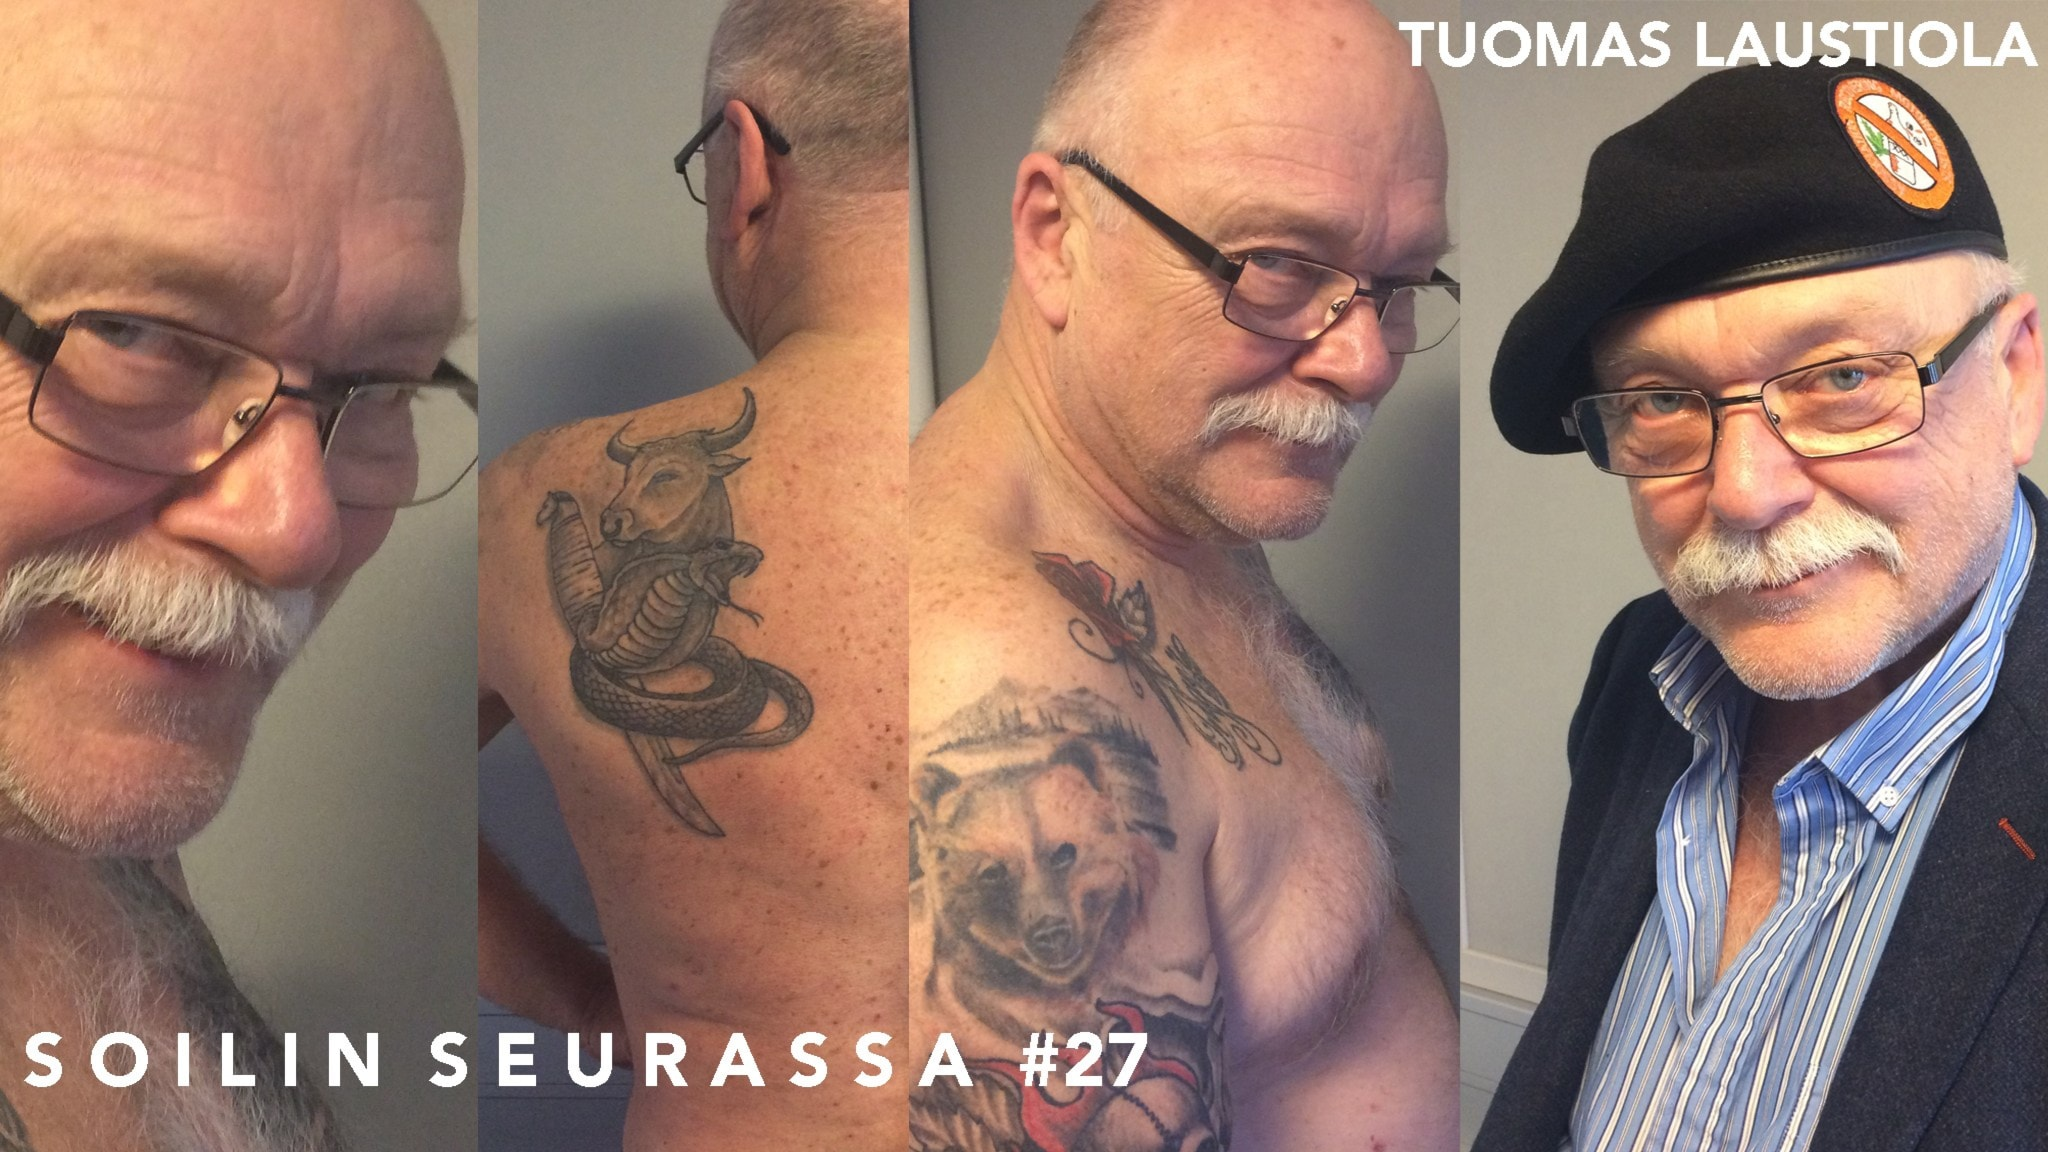 Soilin seurassa näyttelijä Tuomas Laustiola